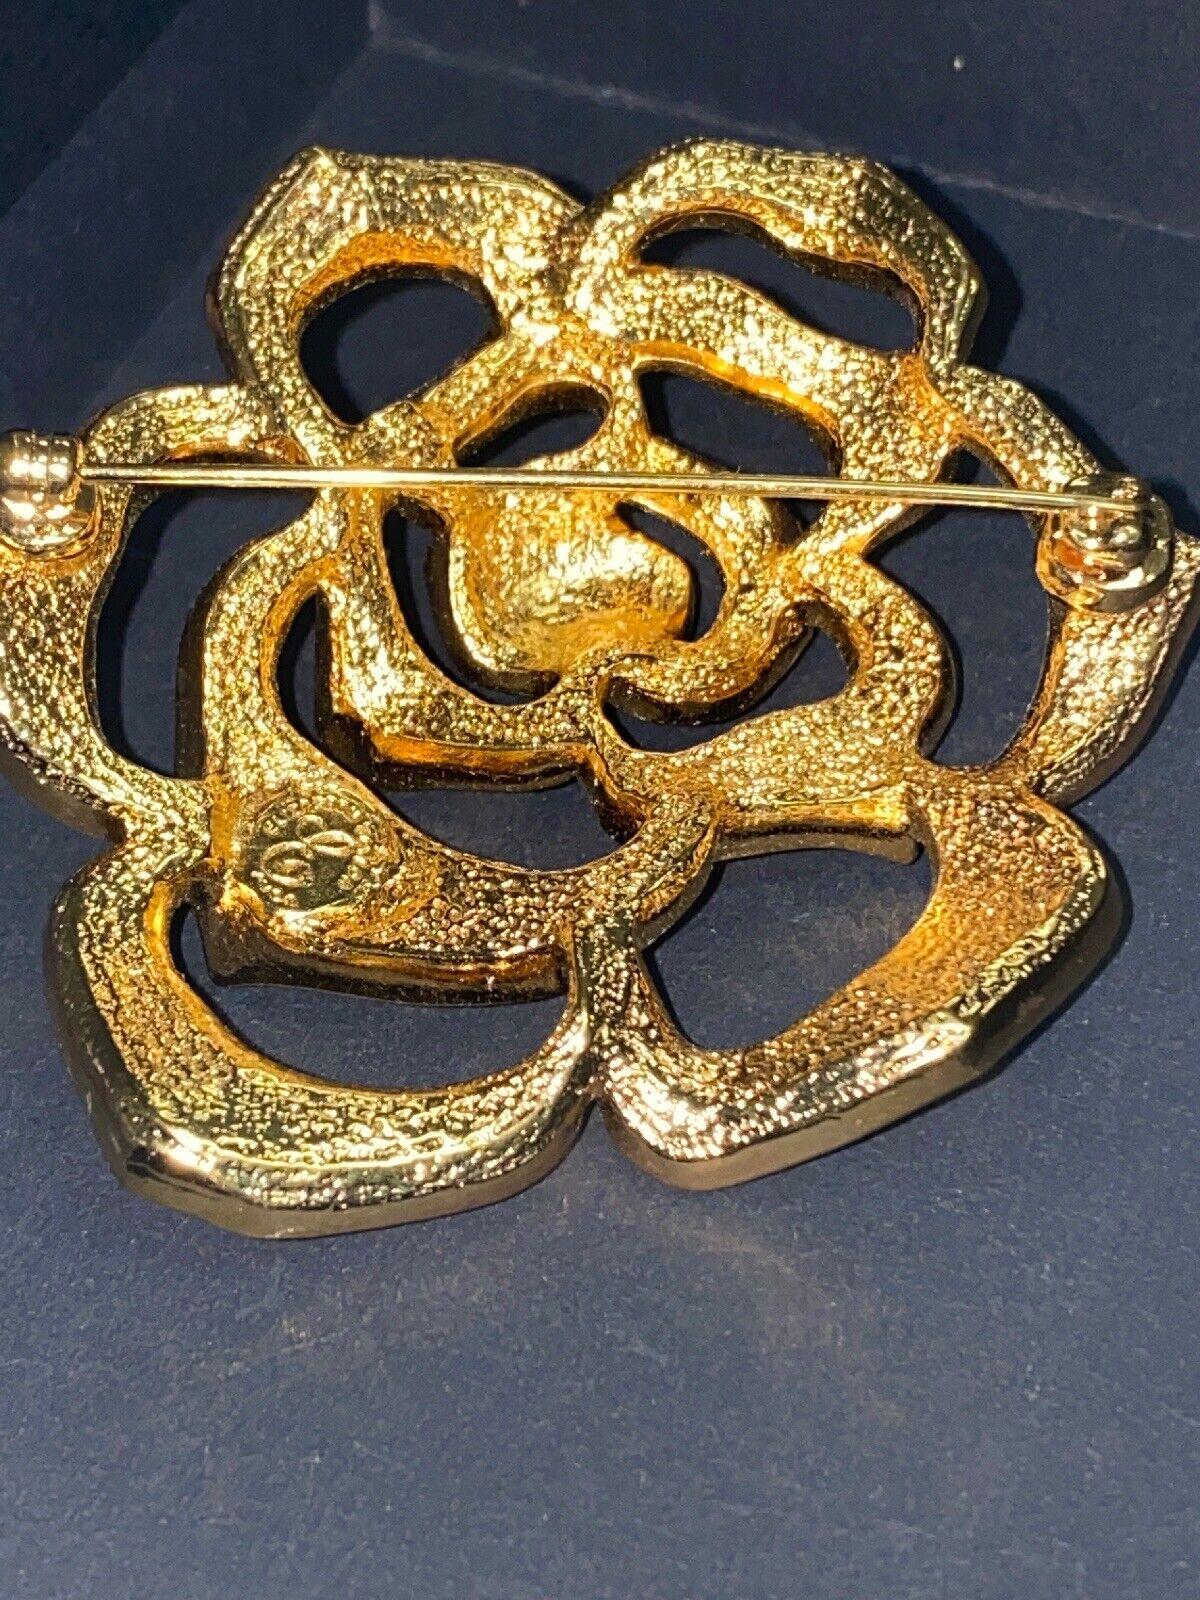 Vintage Elizabeth Taylor Crystal Paved Roze Pin - image 4